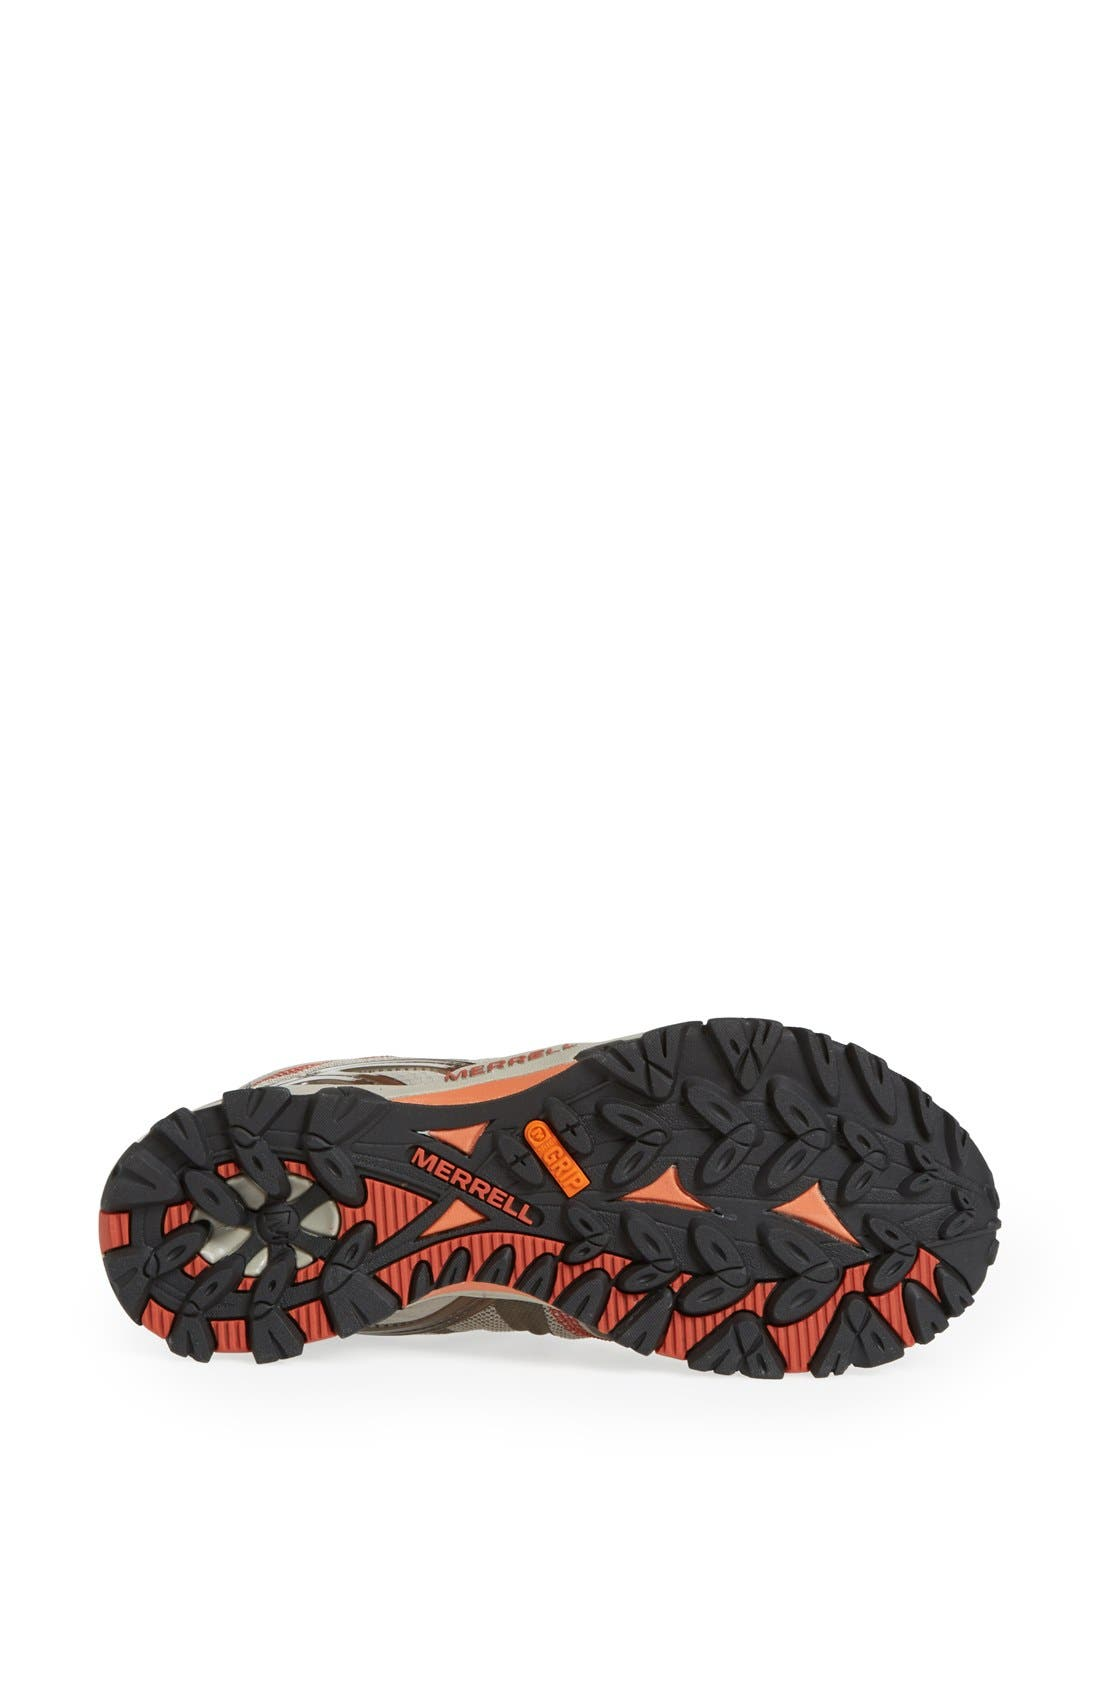 Alternate Image 4  - Merrell 'Grassbow Sport - Mid' Waterproof Hiking Shoe (Women)